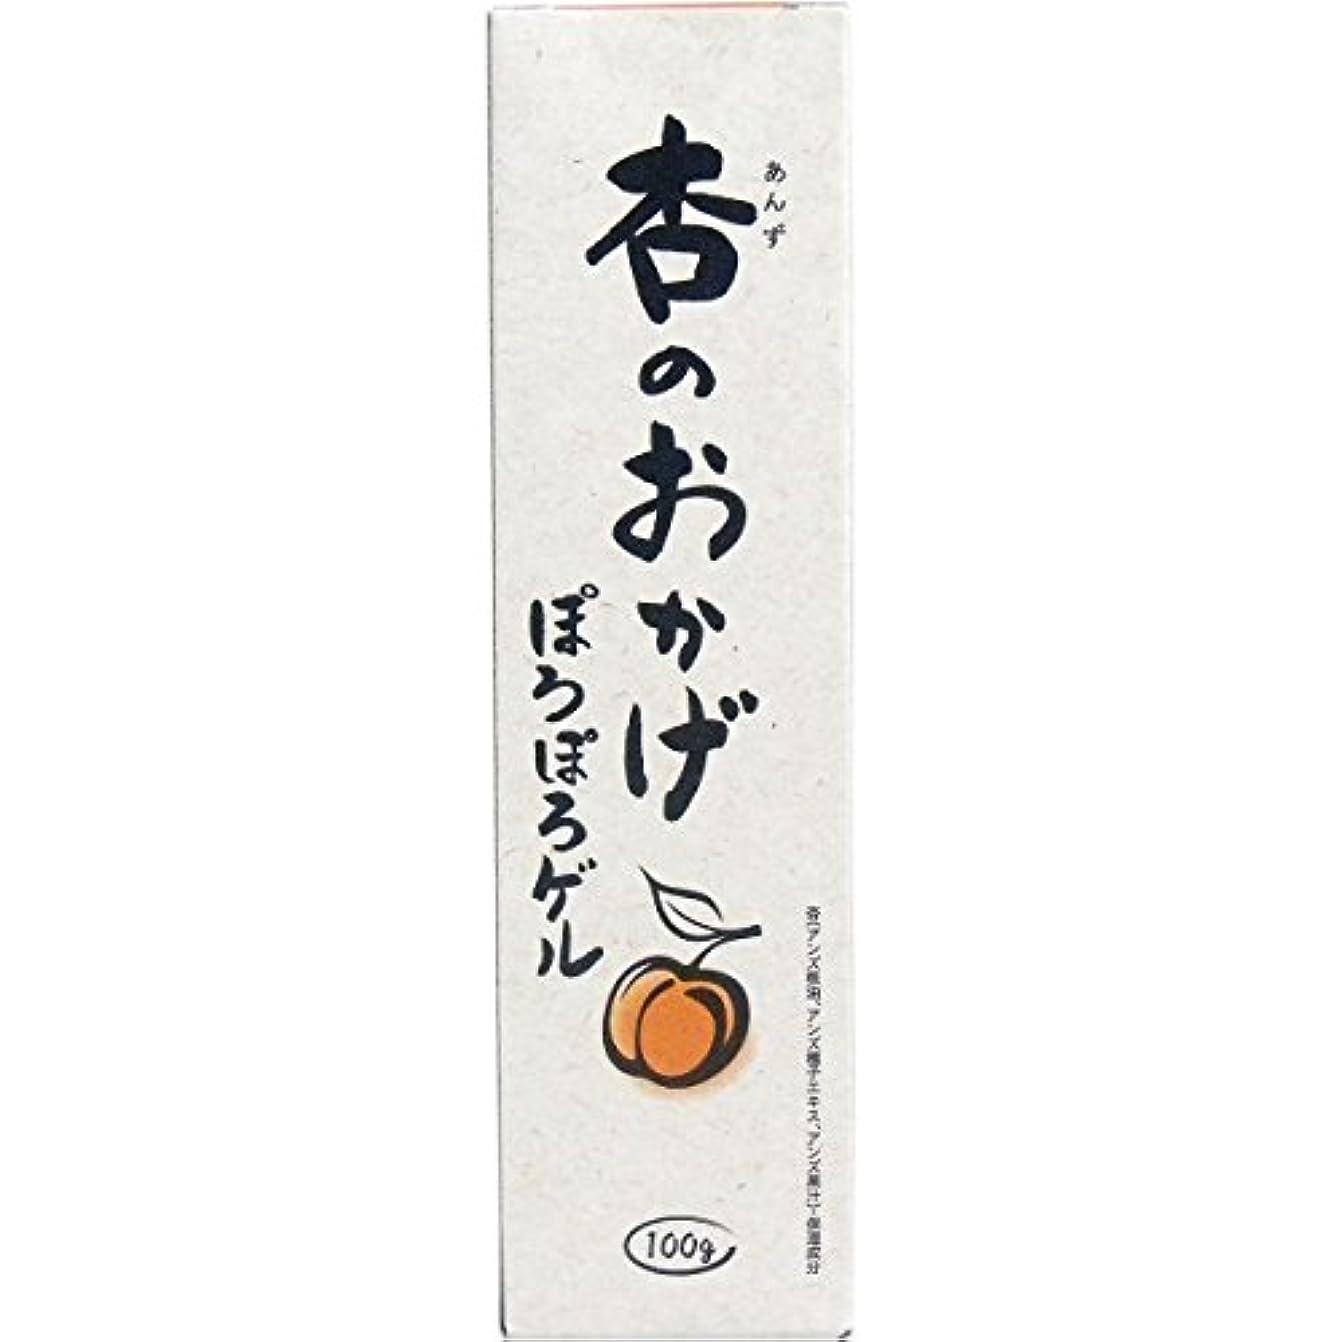 賛辞うぬぼれたアッパー杏のおかげ ぽろぽろゲル 100g